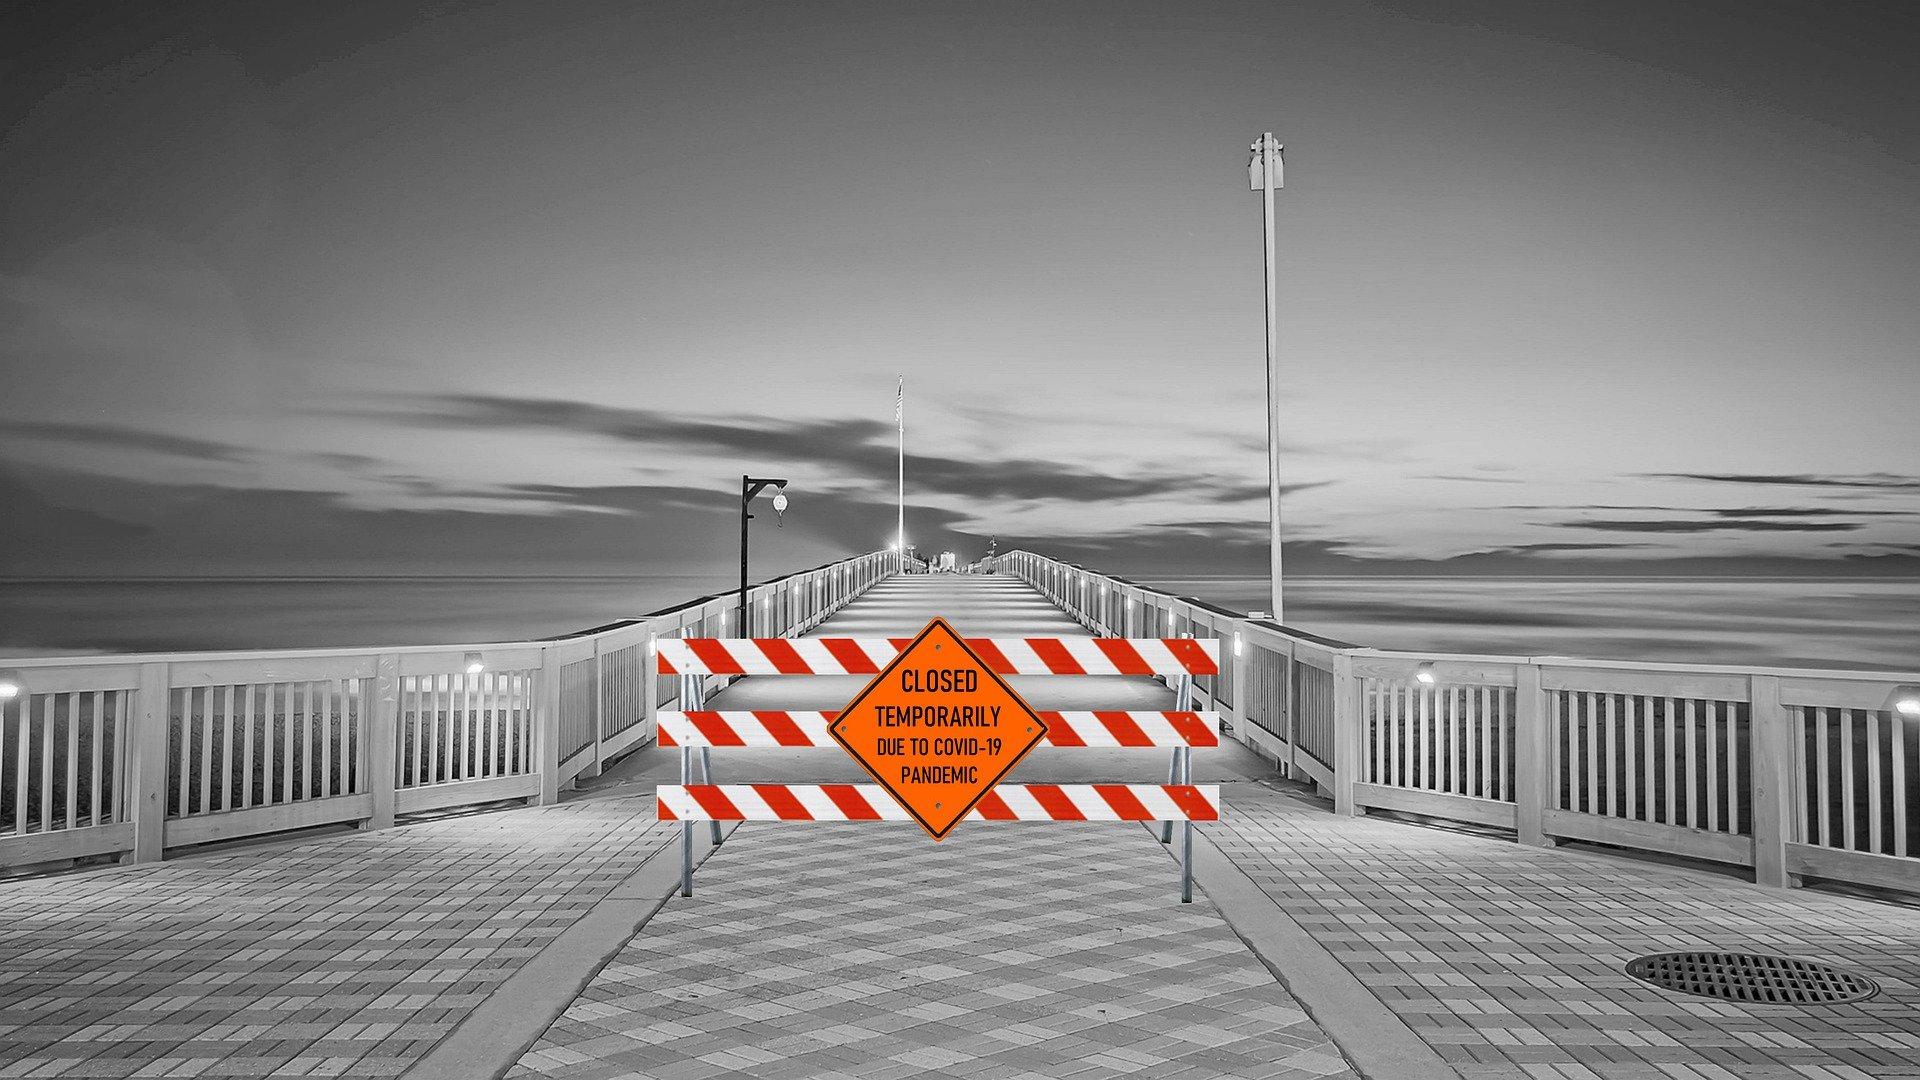 ponte in bianco e nero con una transenna di divieto colorata anti covid